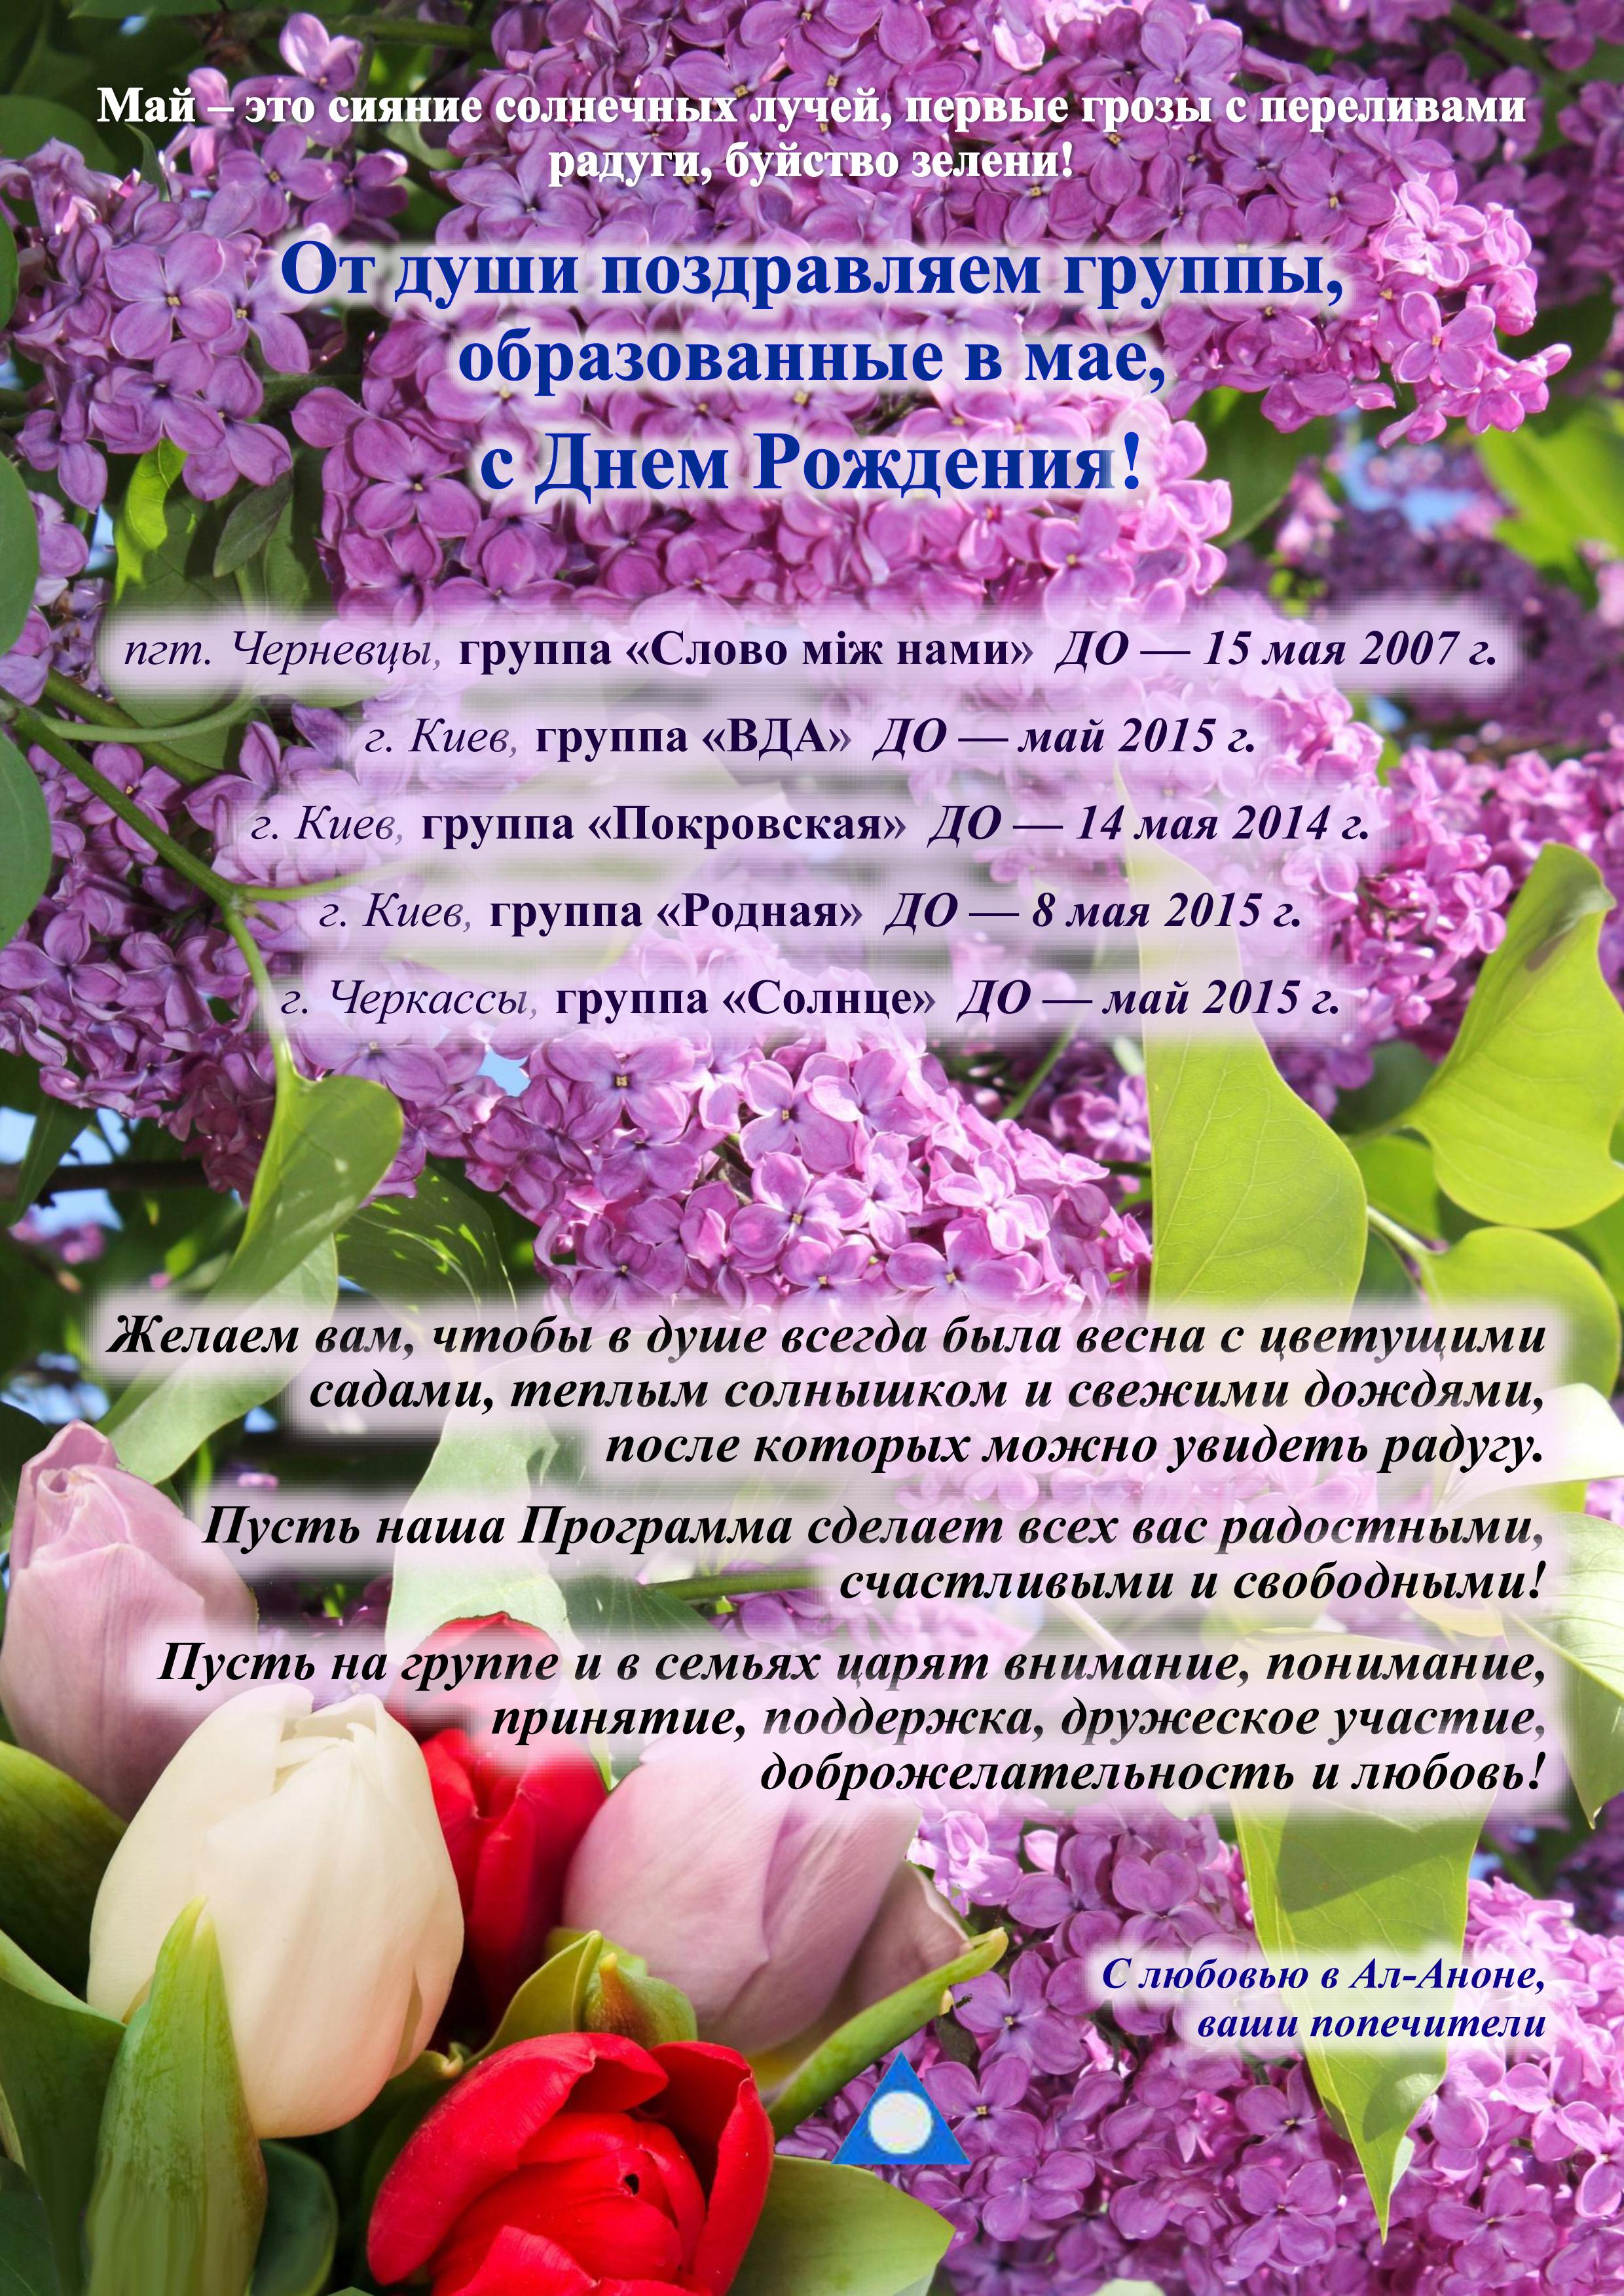 Поздравление_май